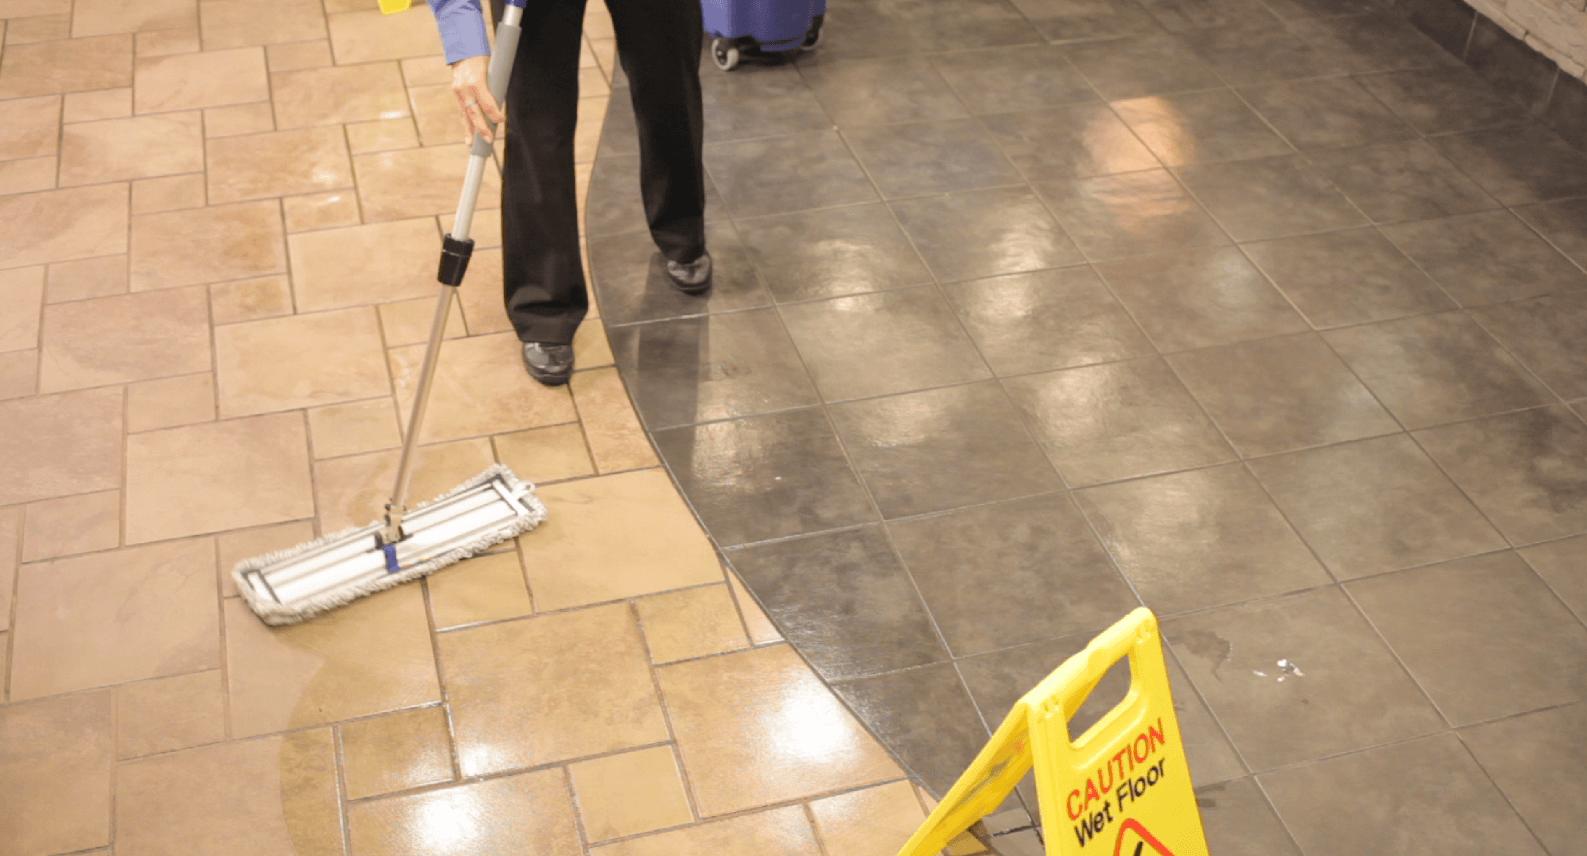 5 tips to prevent slippery floors in